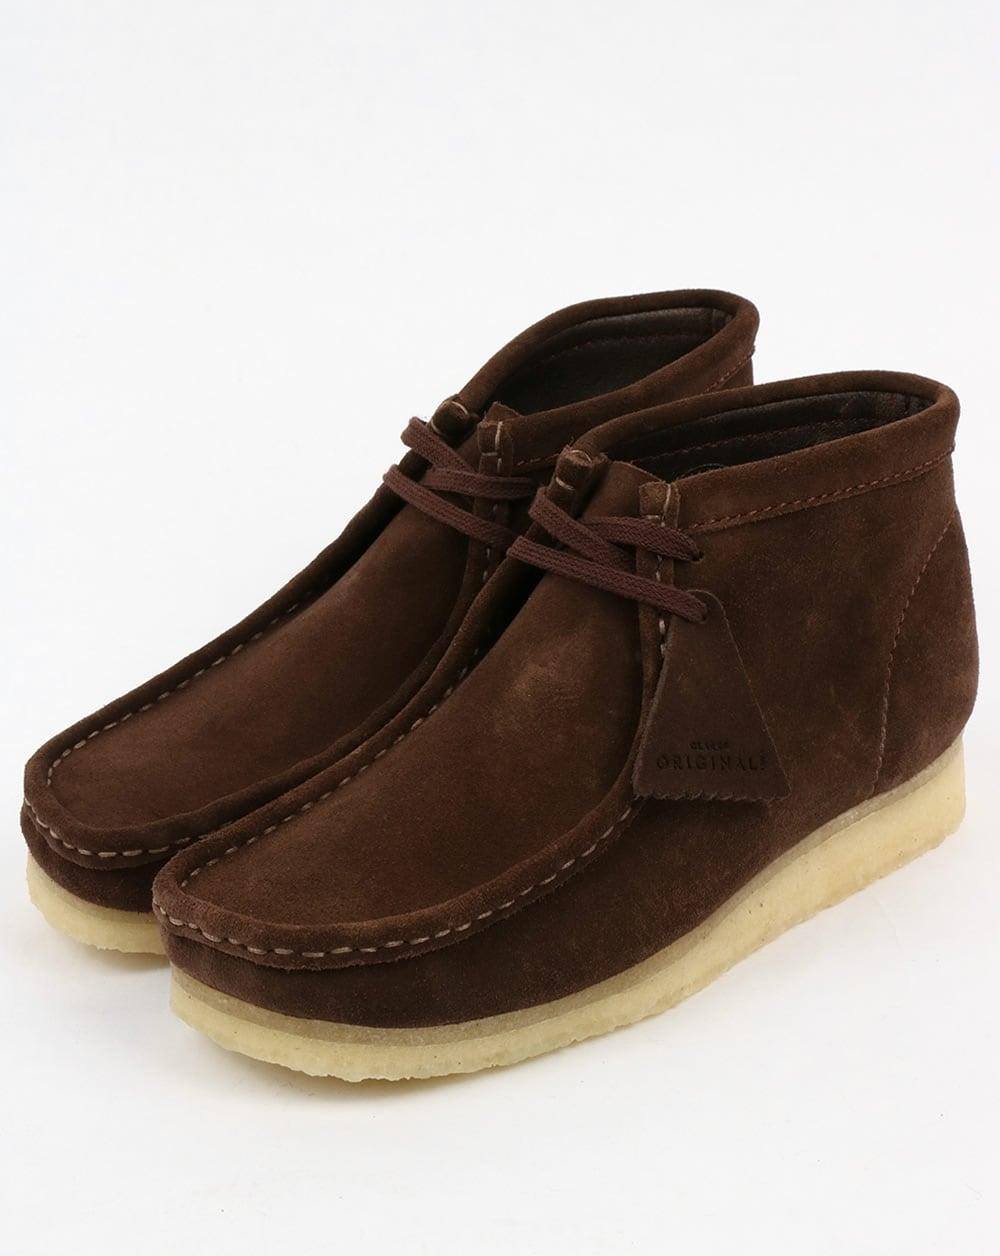 aaf7e4b4872 Clarks Originals Clarks Originals Wallabee Suede Boot Dark Brown